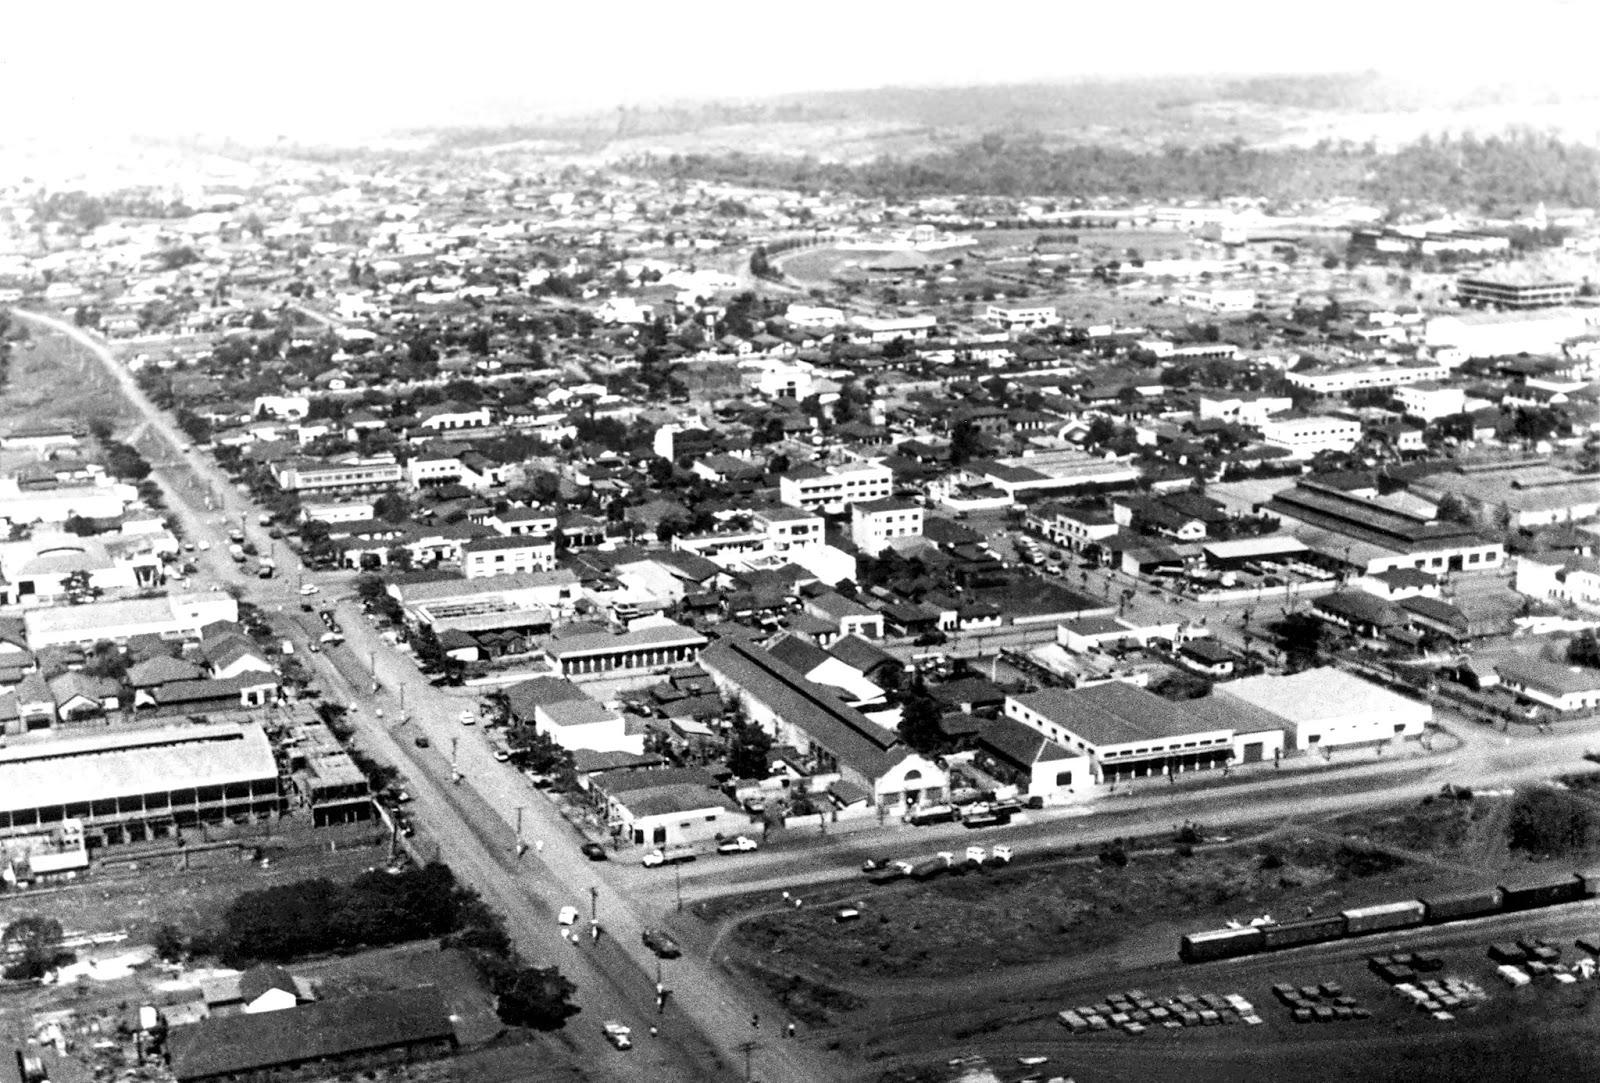 Vista aérea de Maringá - Início dos anos 1960